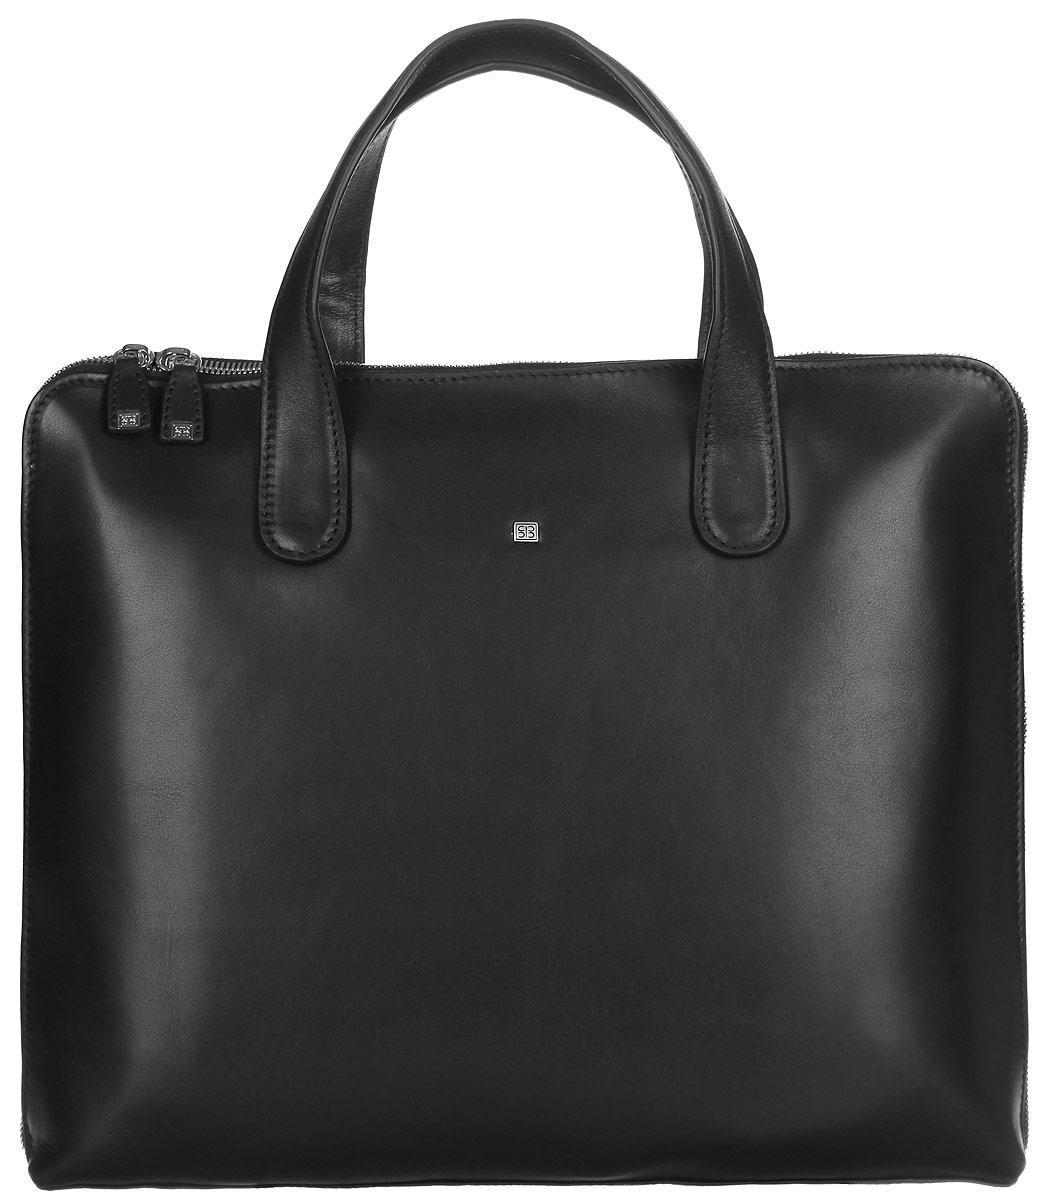 Бизнес-сумка мужская Sergio Belotti, цвет: черный. 9846-36S76245Бизнес-сумка мужская Sergio Belotti выполнена из натуральной кожи и оформлена металлической фурнитурой с символикой бренда.Изделие закрывается на металлическую застежку-молнию. Сумка состоит из одного вместительного отделения, внутри которого имеются прорезной карман на застежке молнии, два накладных кармана, один из которых сетчатый, карман-средник на молнии. Внешняя стенка среднего кармана дополнена кармашком для телефона, двумя фиксаторами для ручек и четырьмя кармашками для кредитных карт. Накладные карманы фиксируются хлястиком на липучку. В задней стенке изделия расположен продольный прорезной карман, также закрывающийся на застежку-молнию.Сумка имеет две практичные ручки для переноски.Стильная бизнес-сумка станет практичным аксессуаром, который идеально дополнит ваш образ.